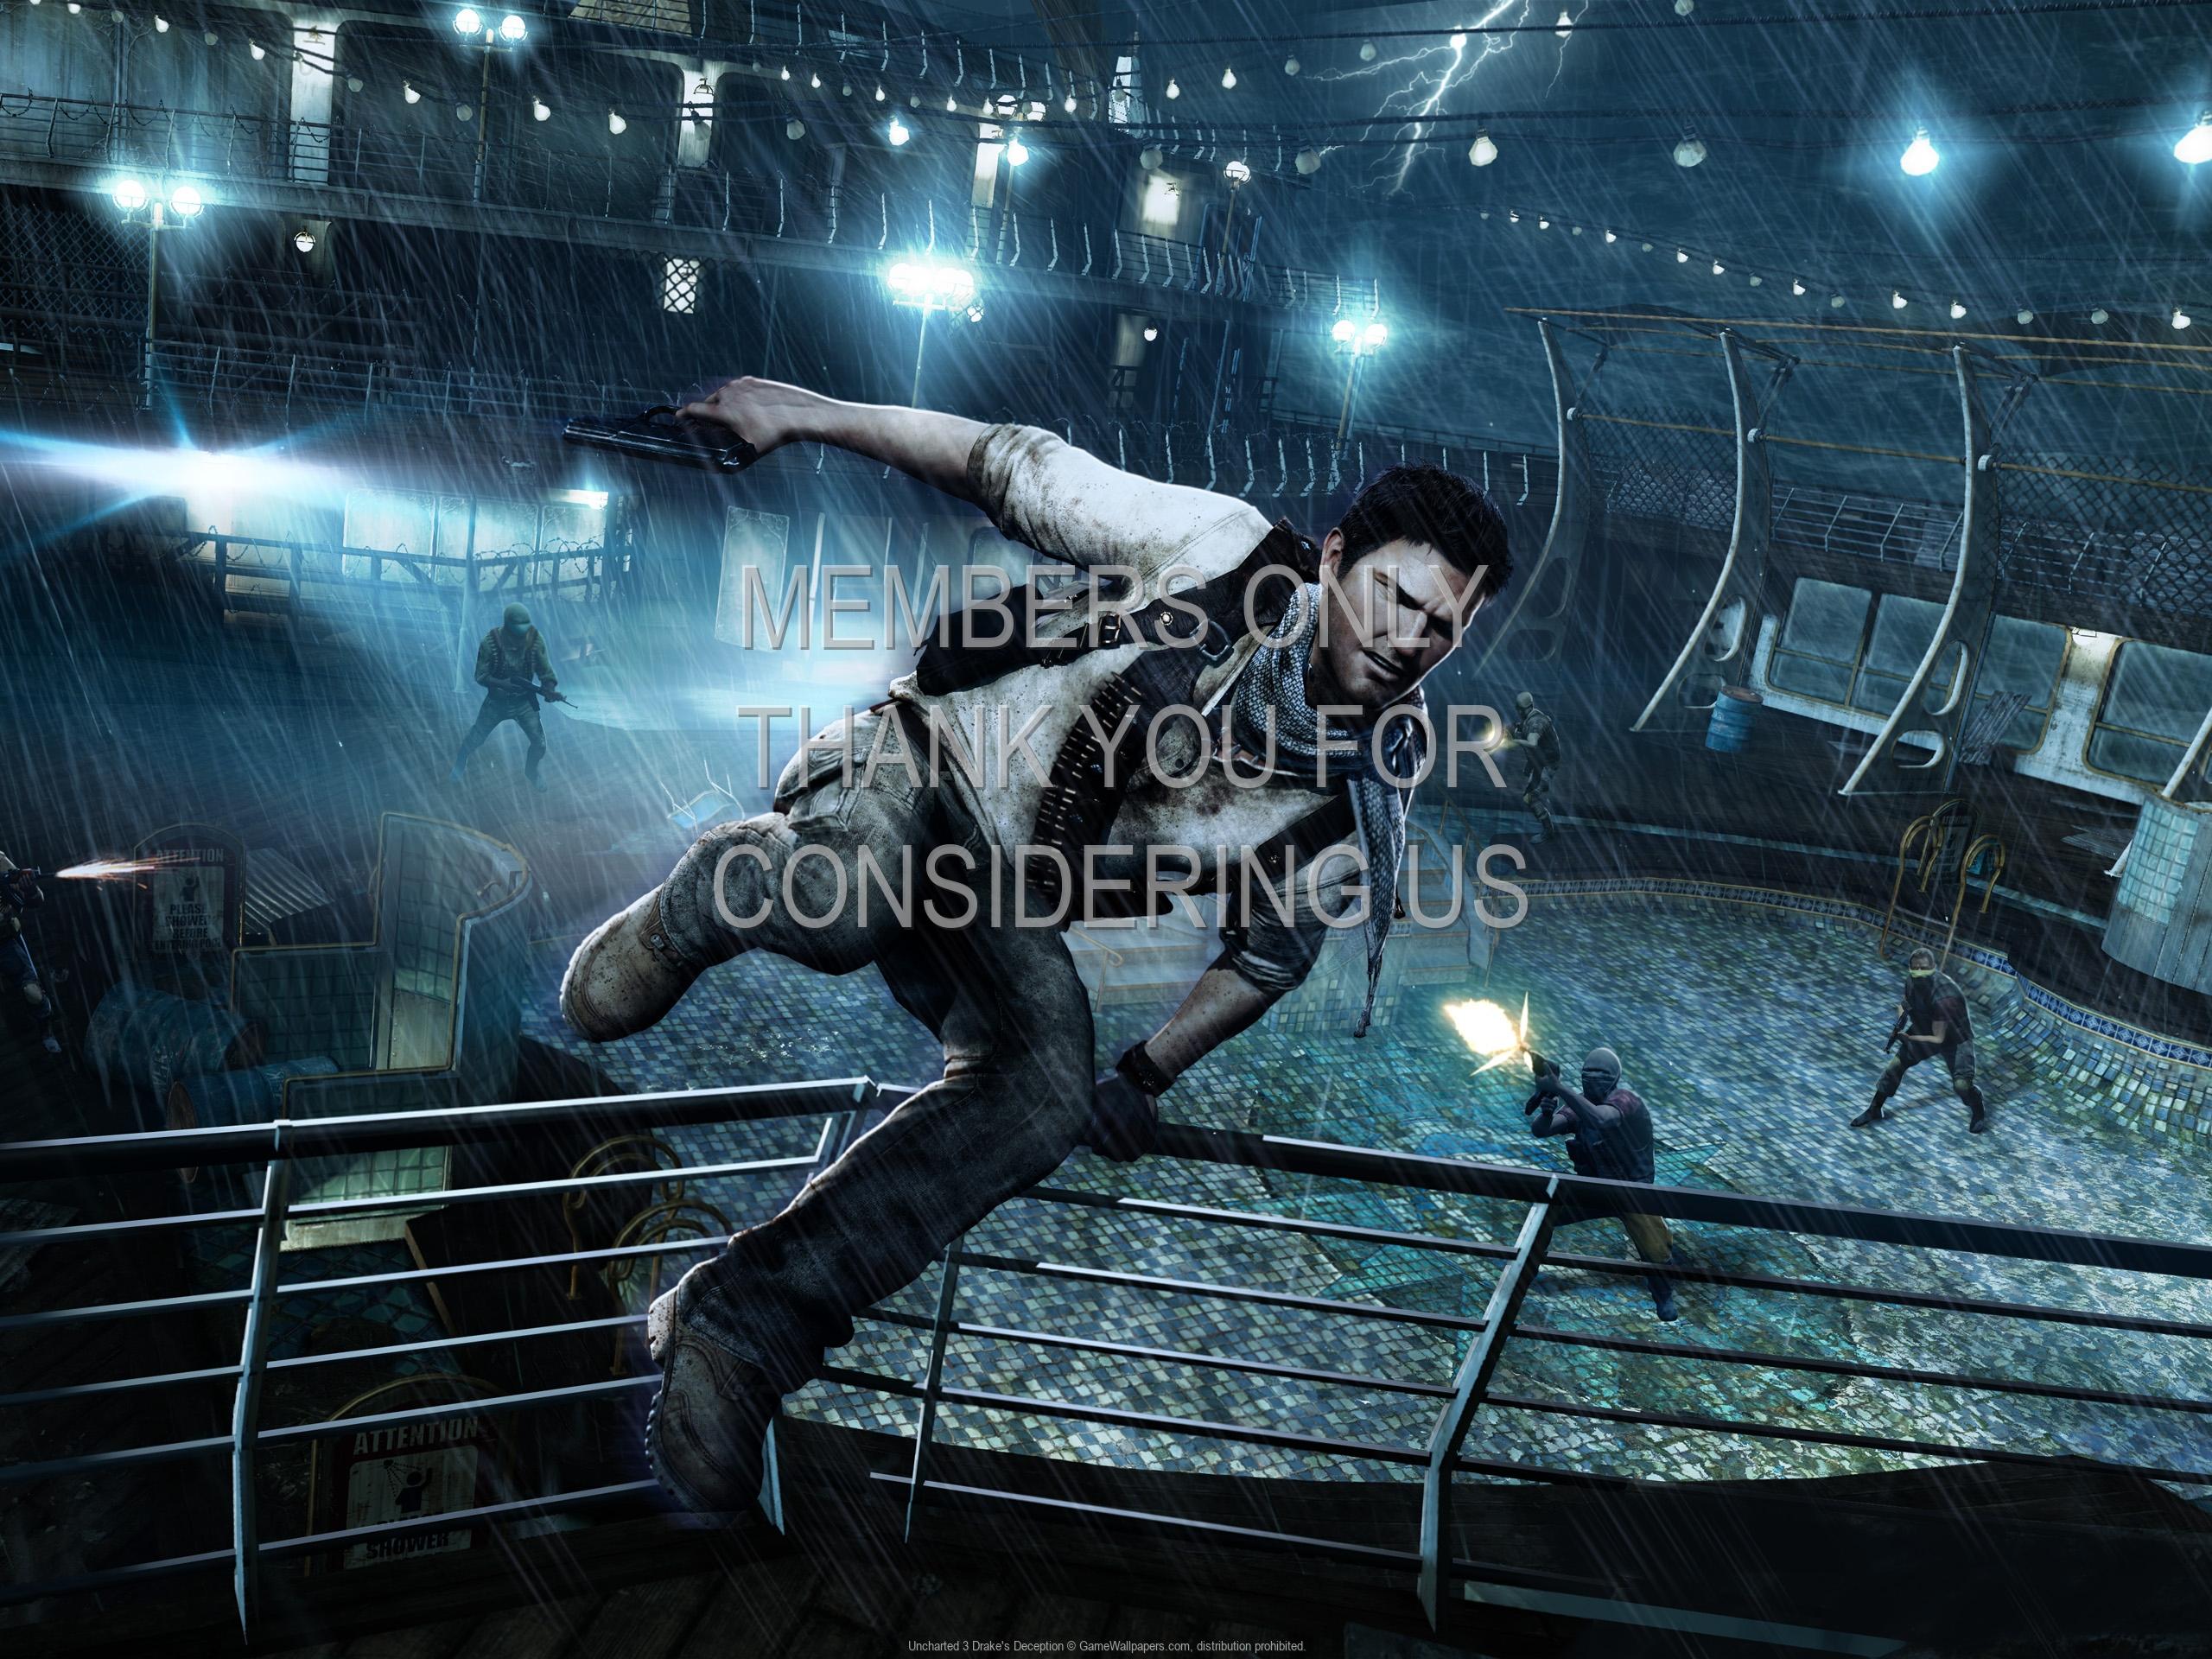 Uncharted 3 Drakes Deception Fondo De Escritorio 03 1920x1080